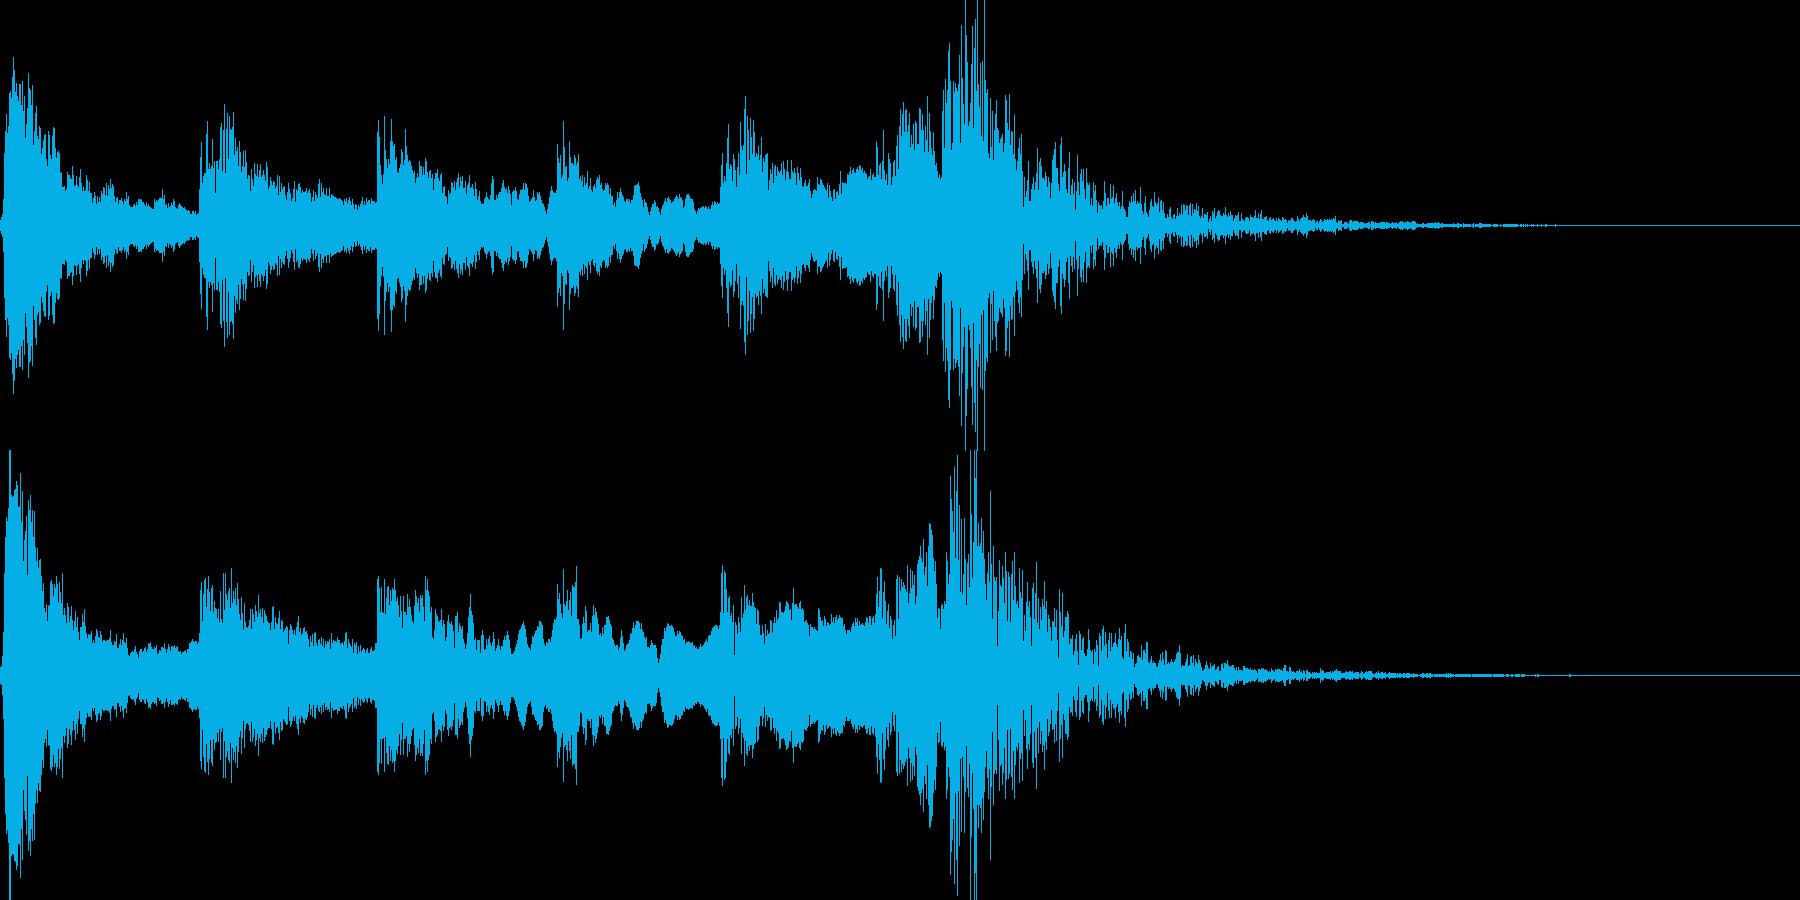 歌舞伎の太鼓/笛/鼓/和風ジングル!11の再生済みの波形